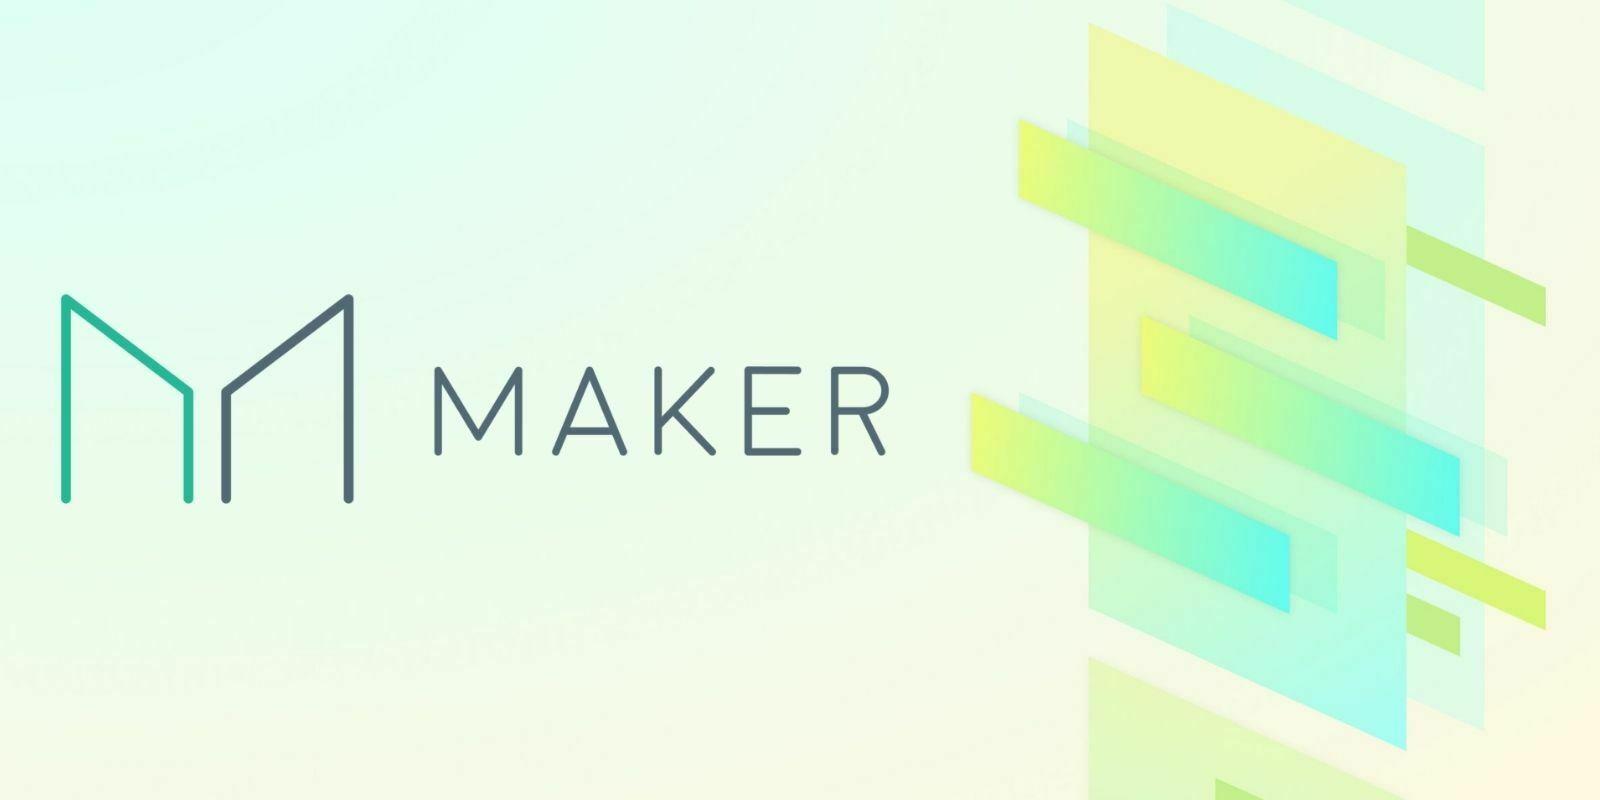 La communauté de MakerDAO refuse d'indemniser des utilisateurs lésés